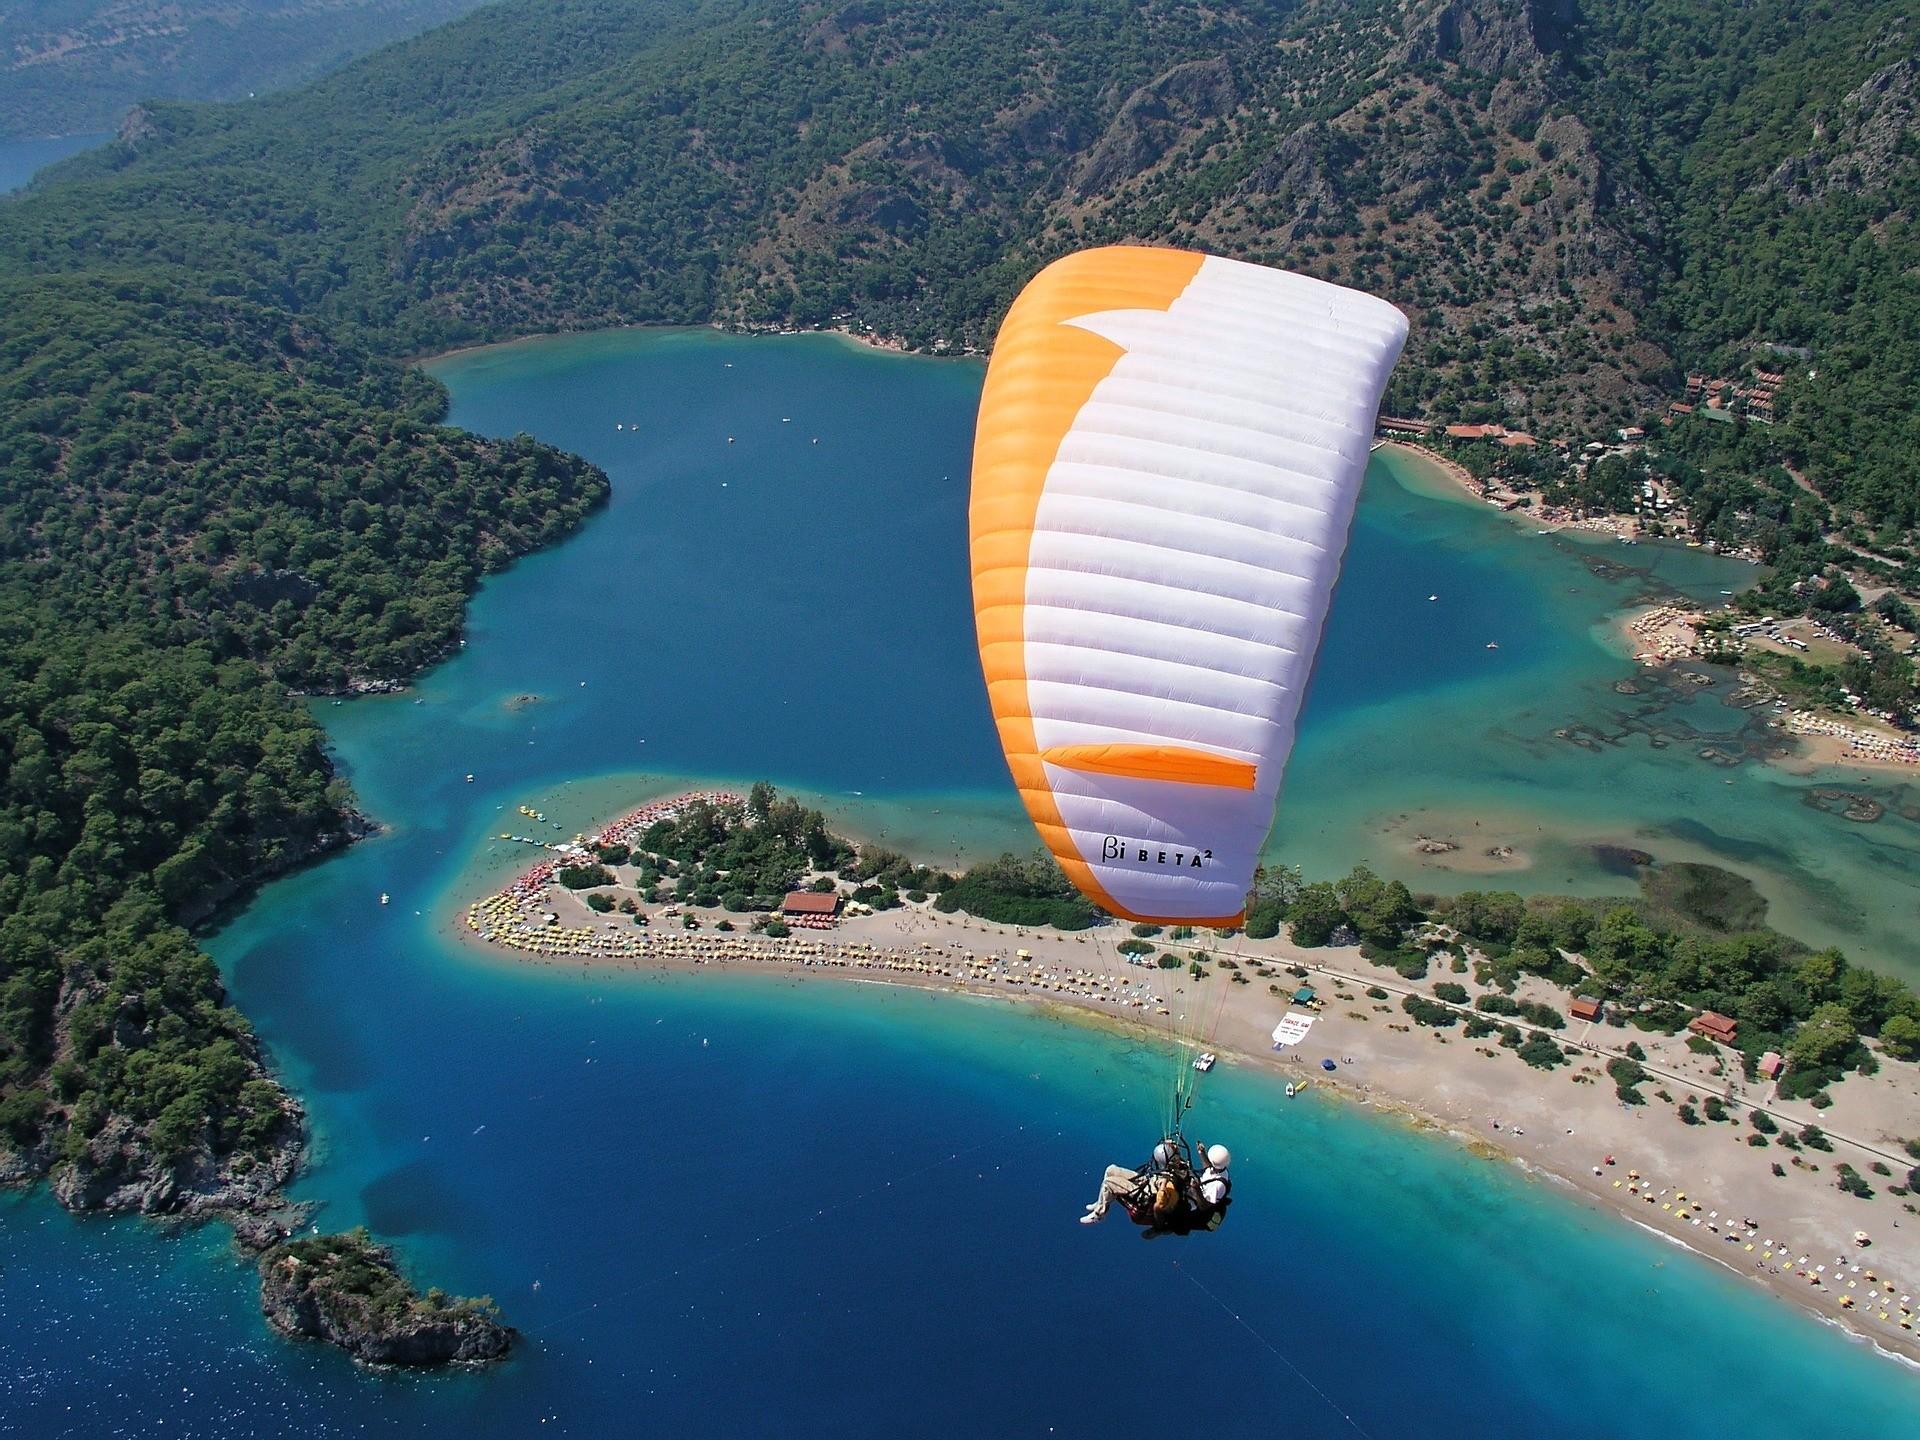 paragliding scene